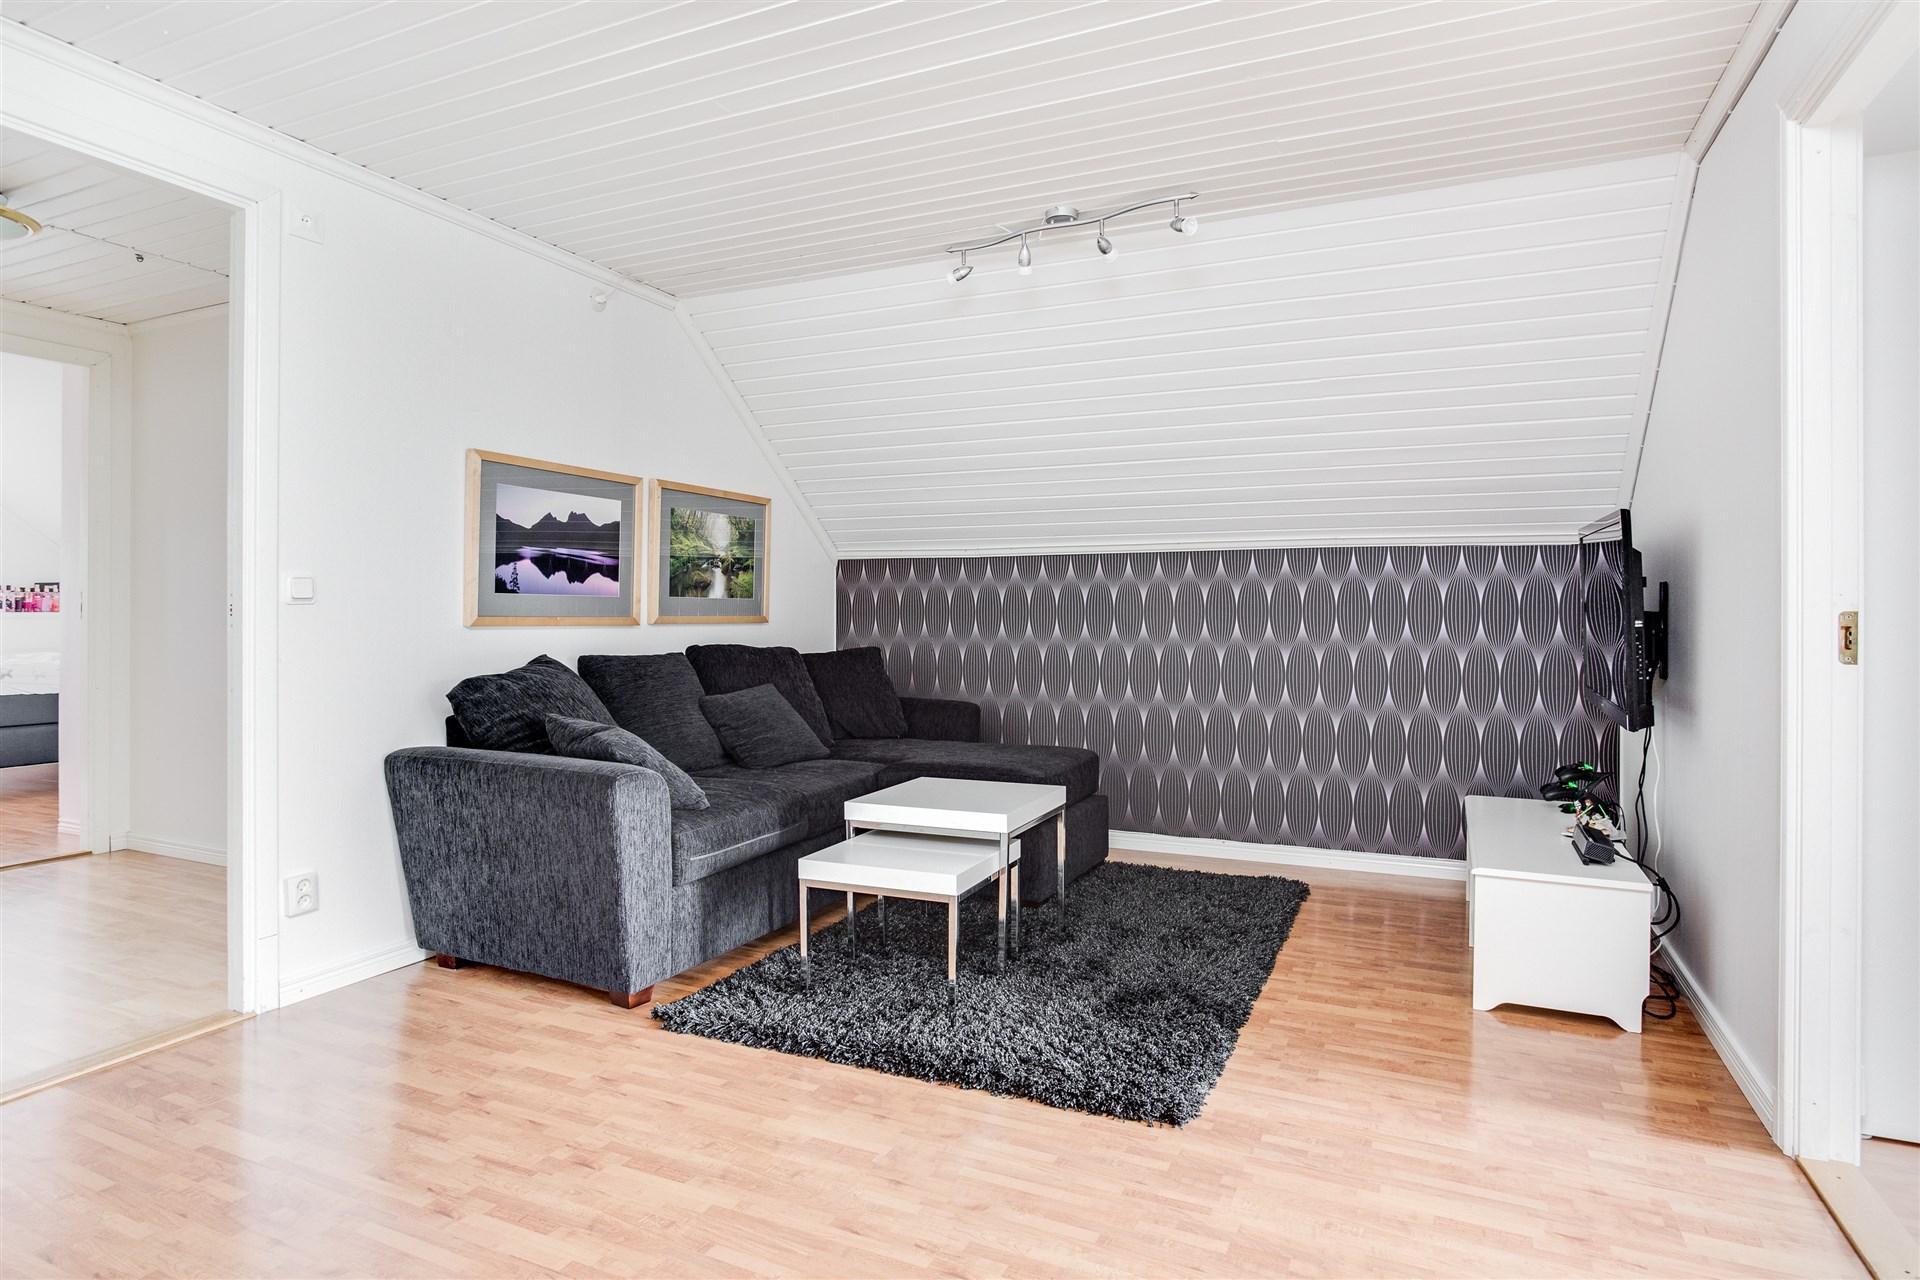 Hallen är en perfekt plats för en TV-hörna!